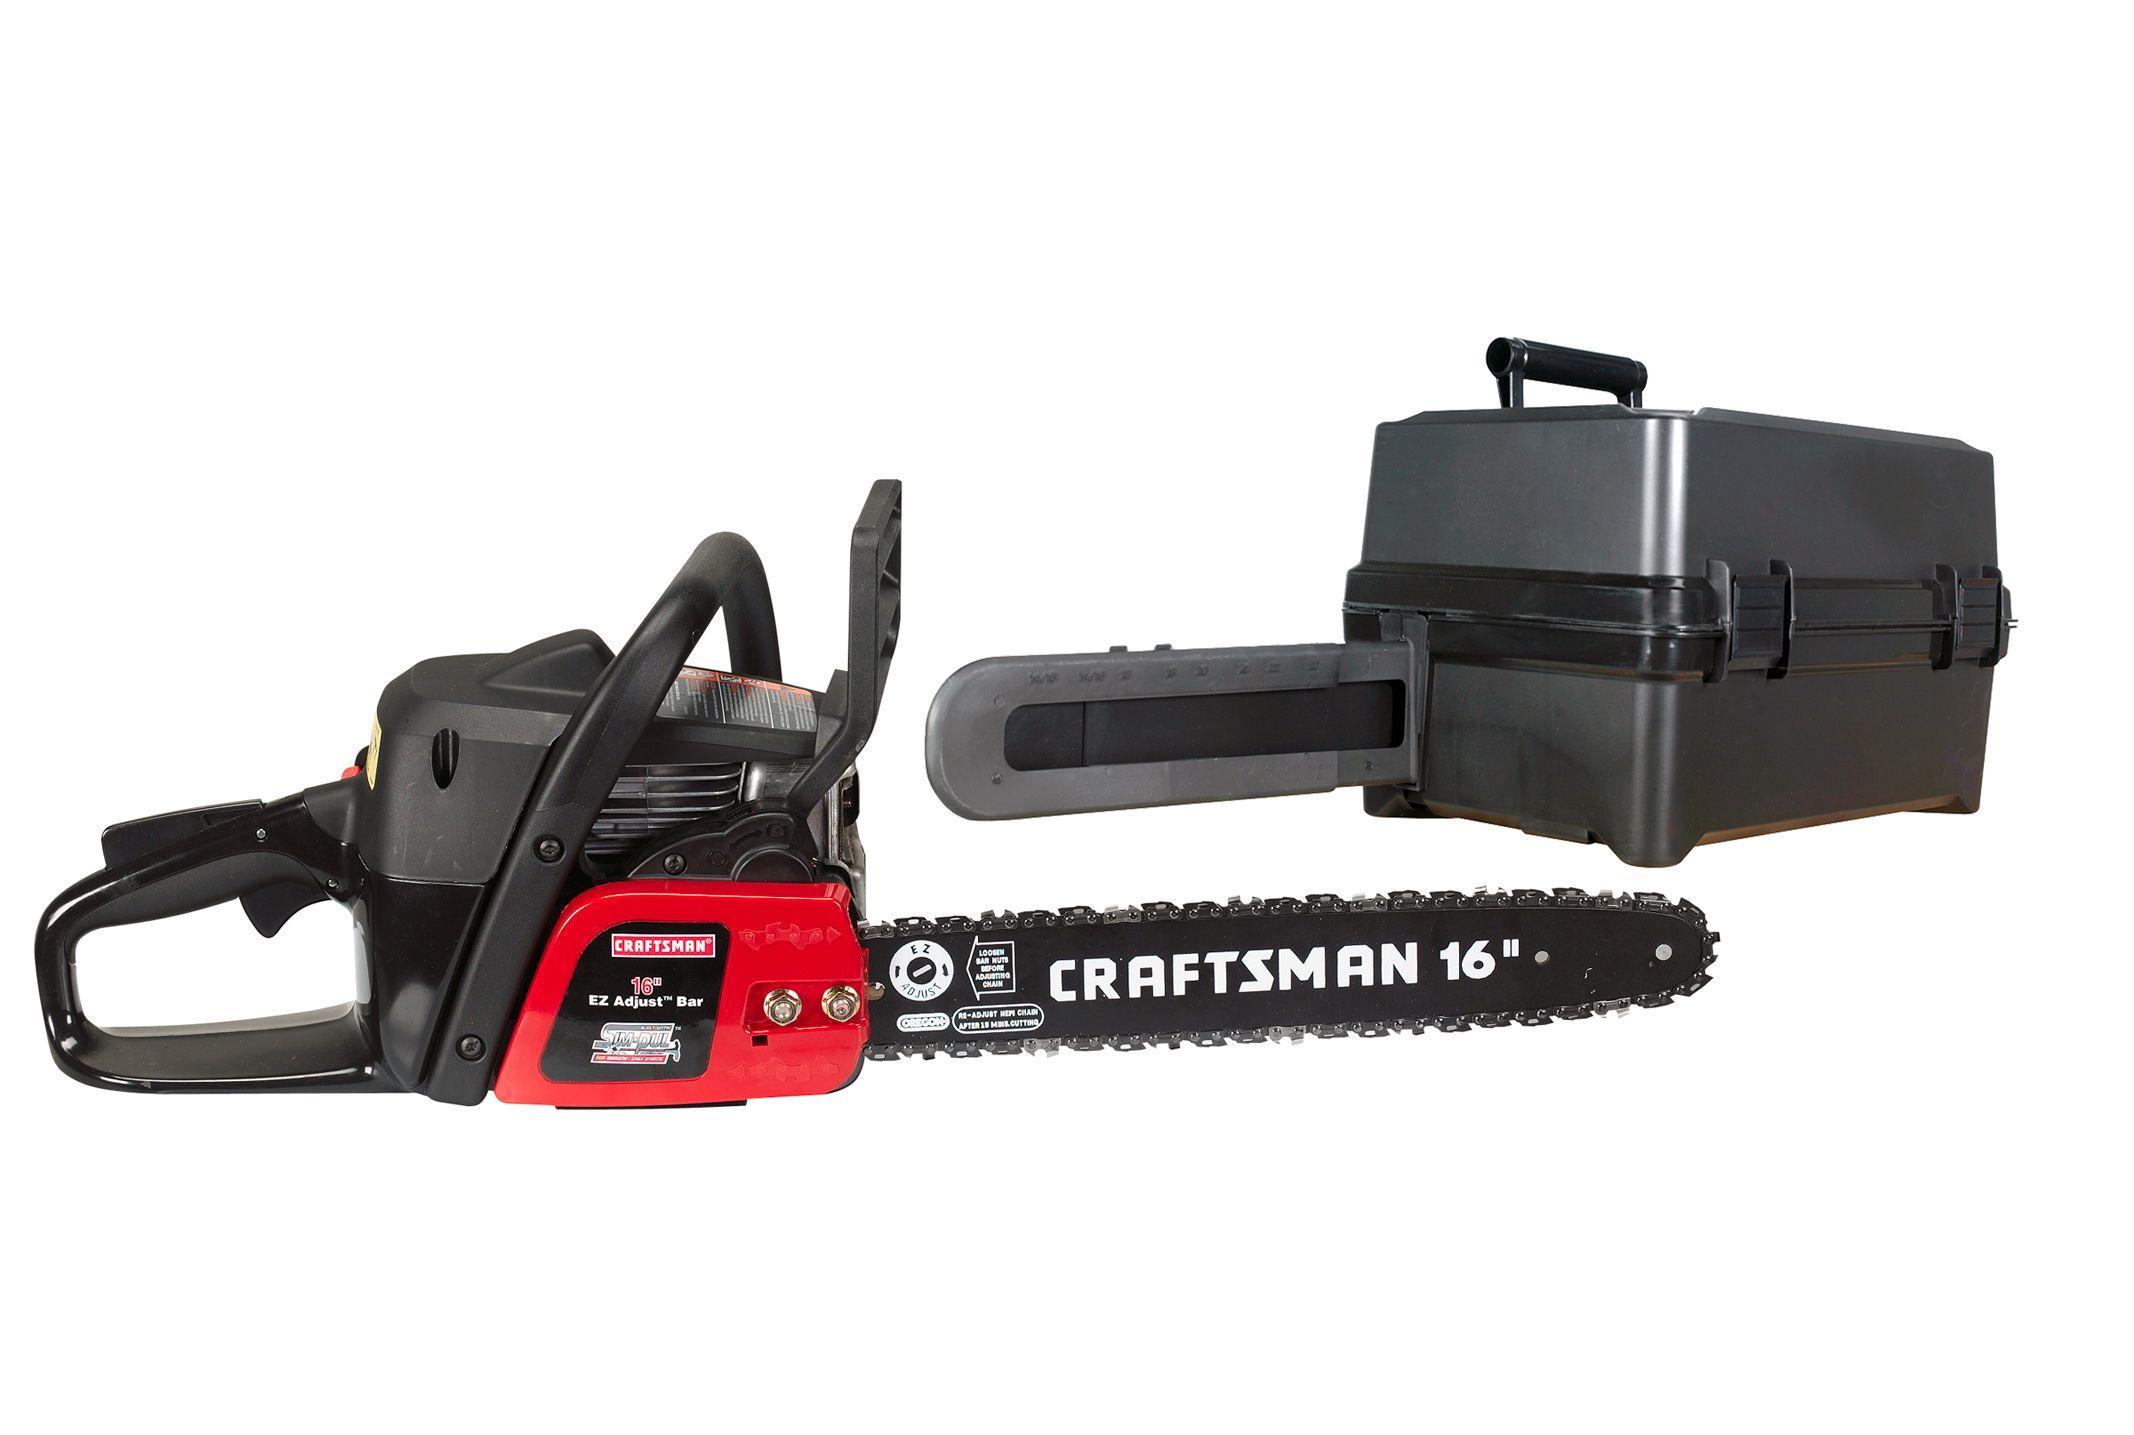 craftsman riding lawn mower parts wiring diagrams [ 2134 x 1435 Pixel ]